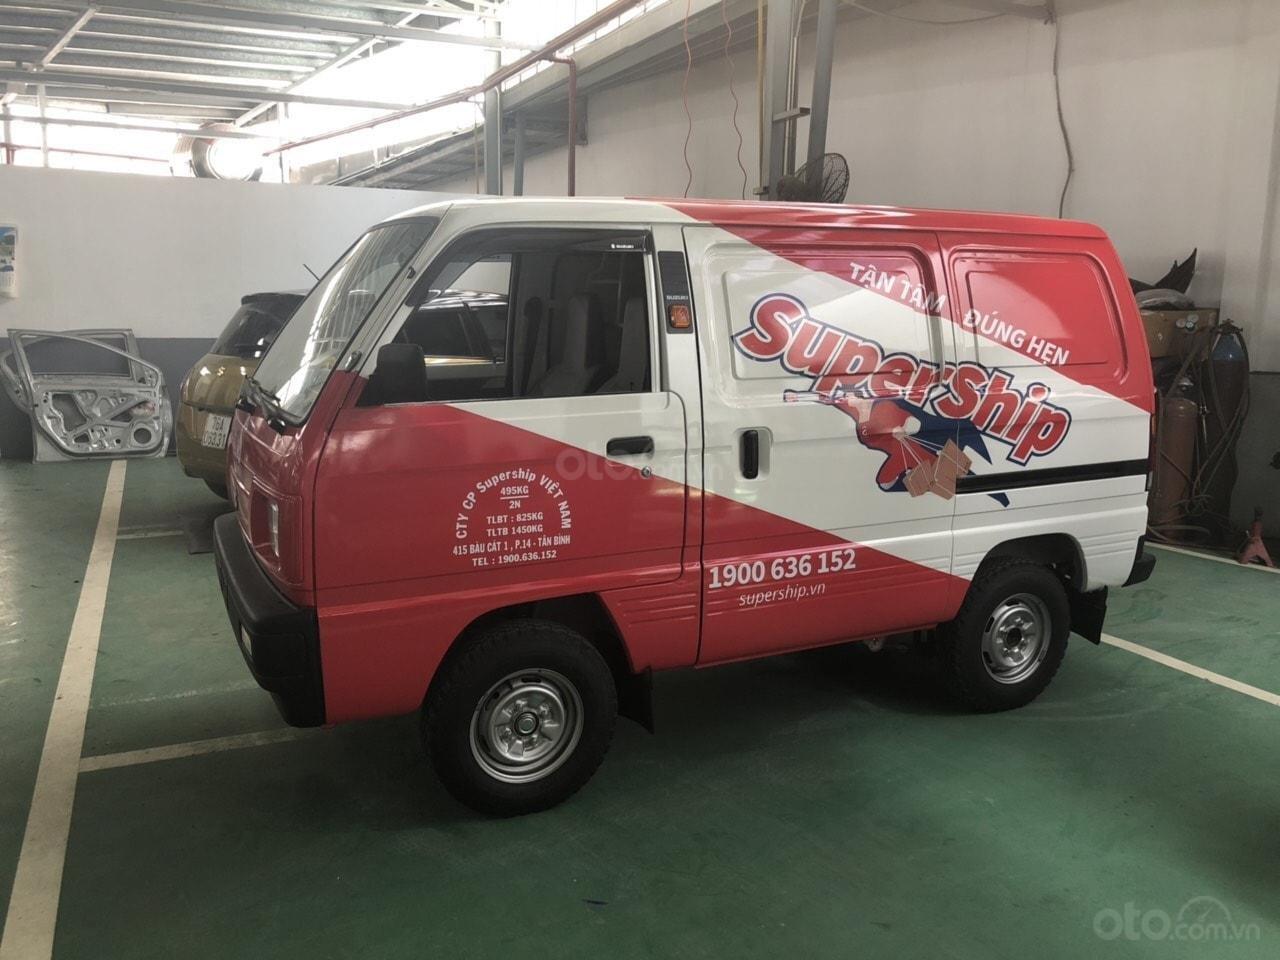 Xe tải van Suzuki chạy giờ cấm, đủ màu giao ngay, giá hot (1)